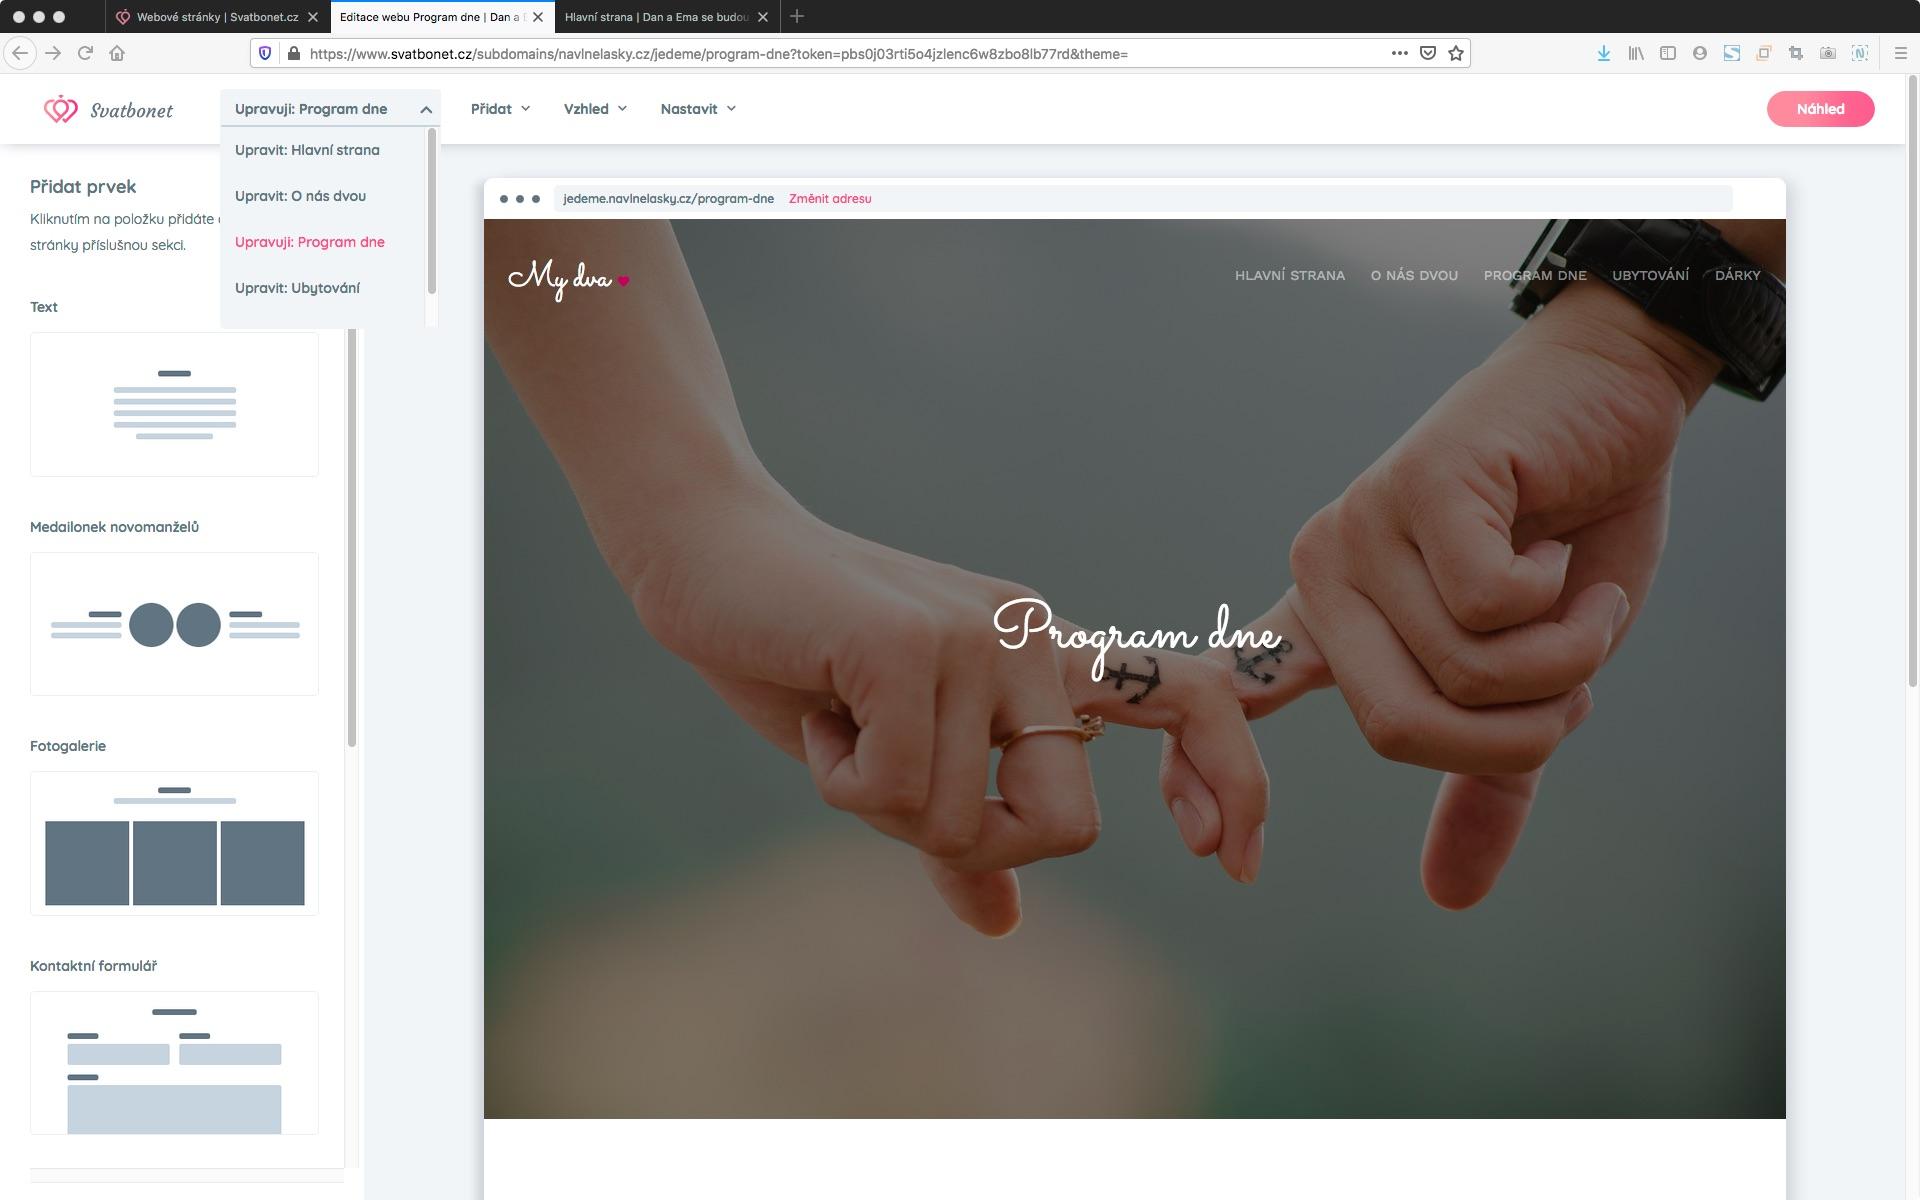 svatební webové stránky z menu lišty